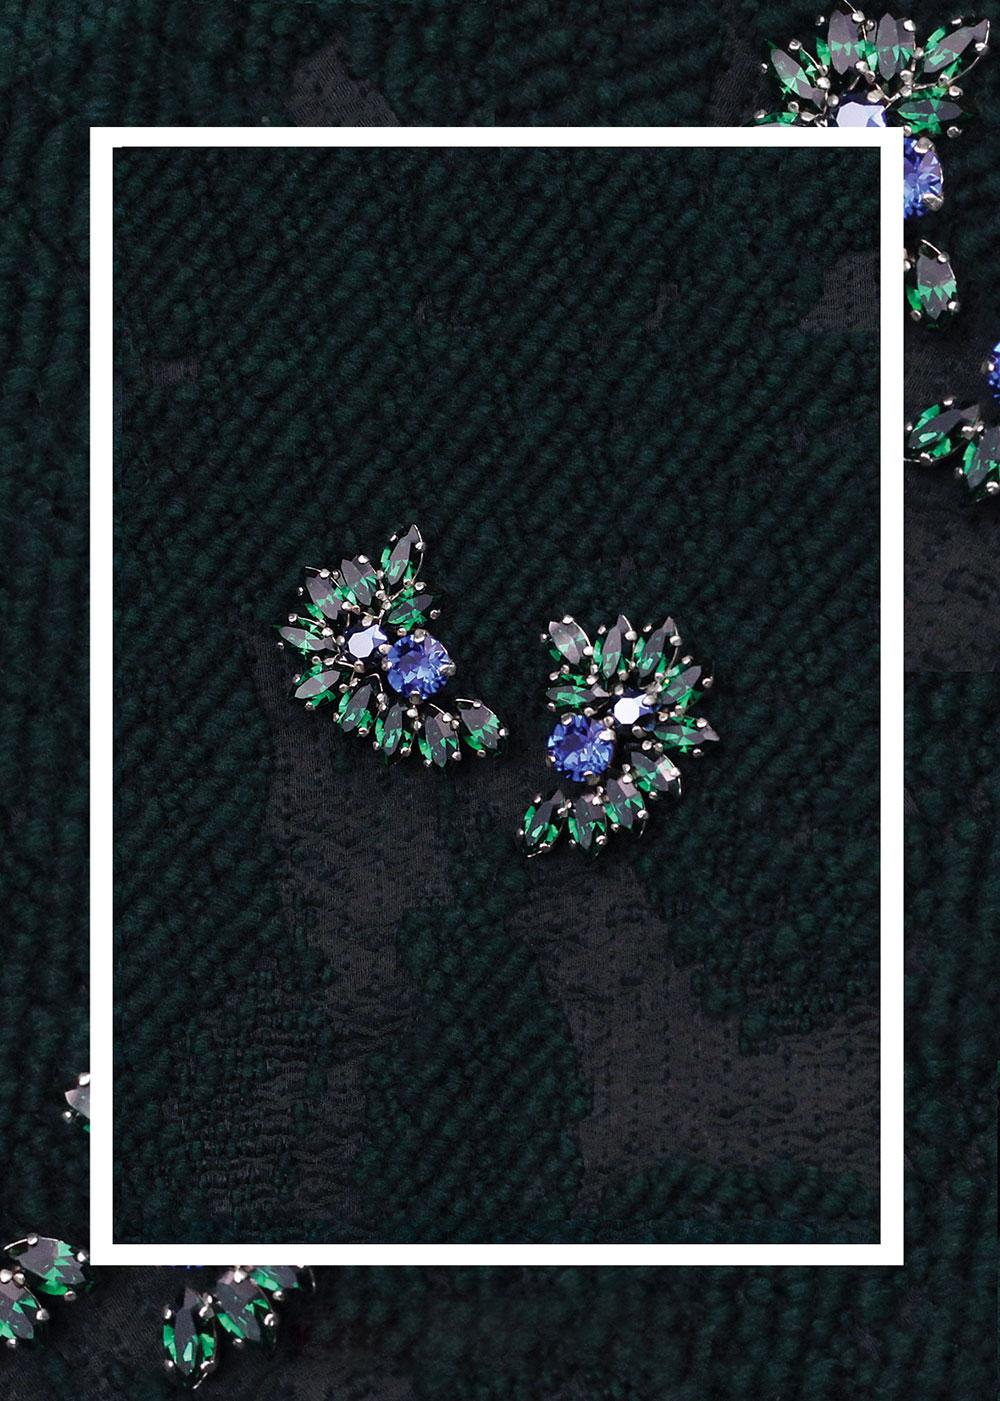 02_Cercei_Josephine_cristale_swarovski_verde_smarald_albastru